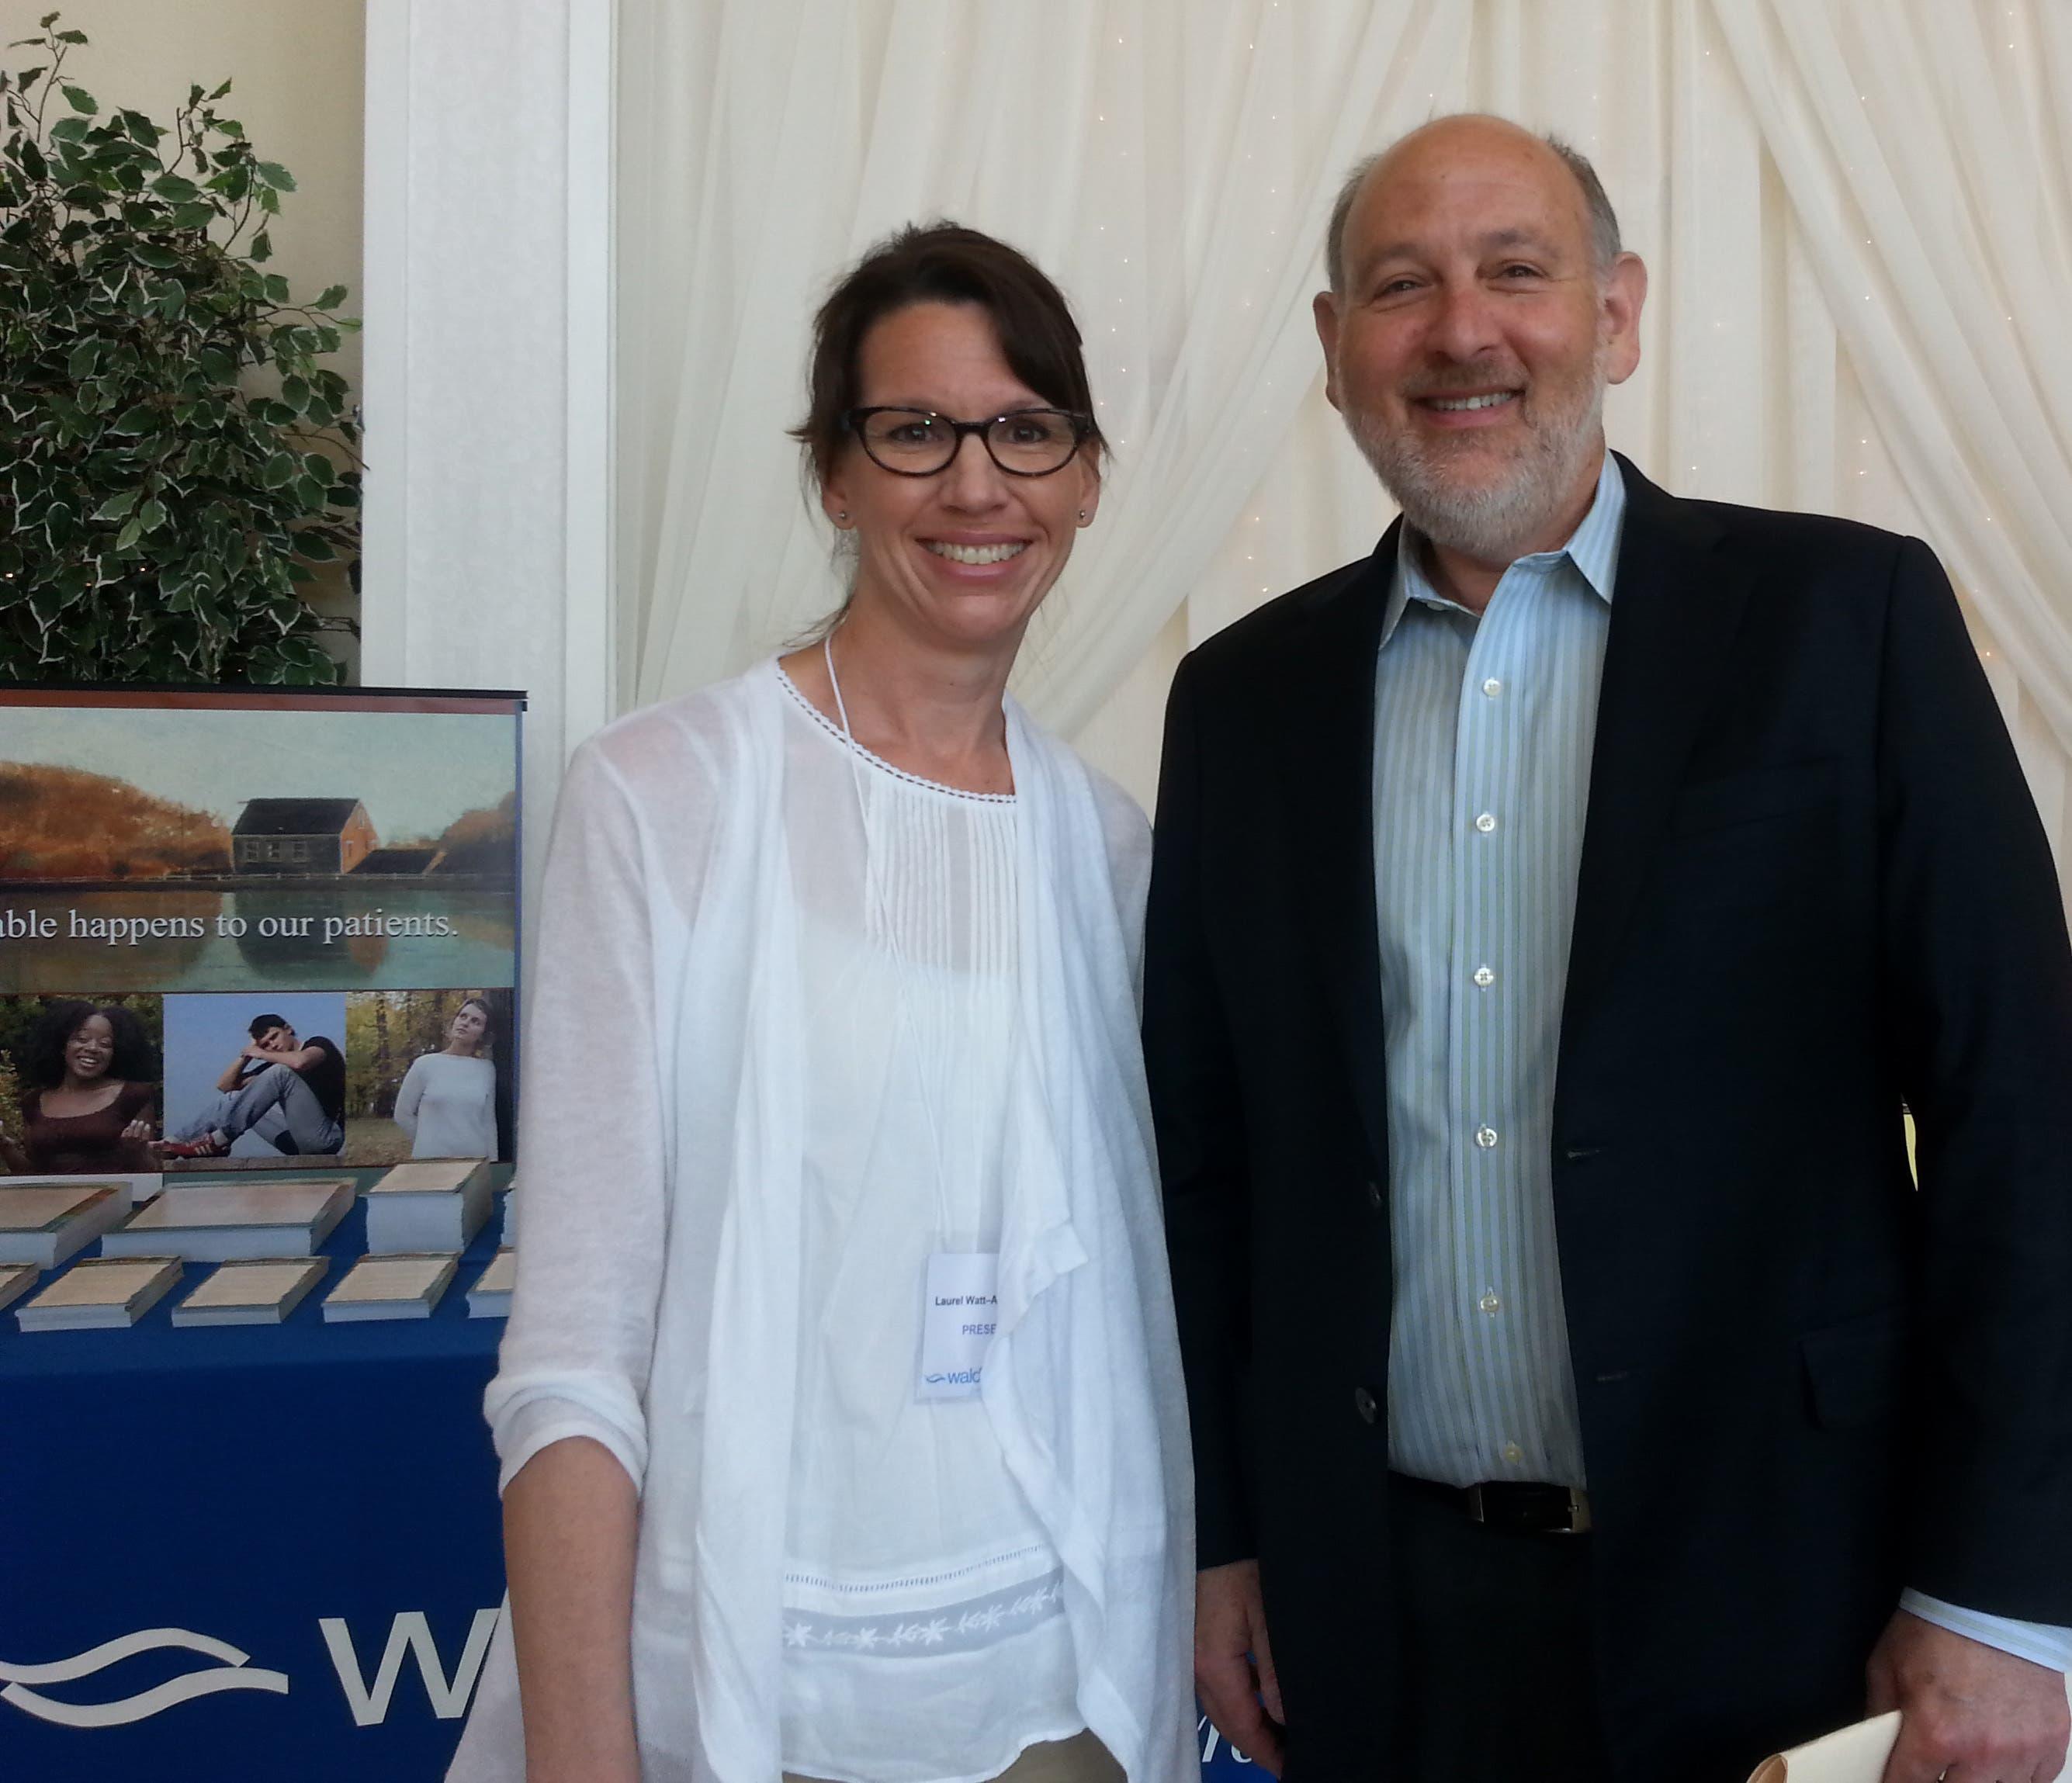 Walden Conference Focuses on Treatment of Binge Eating